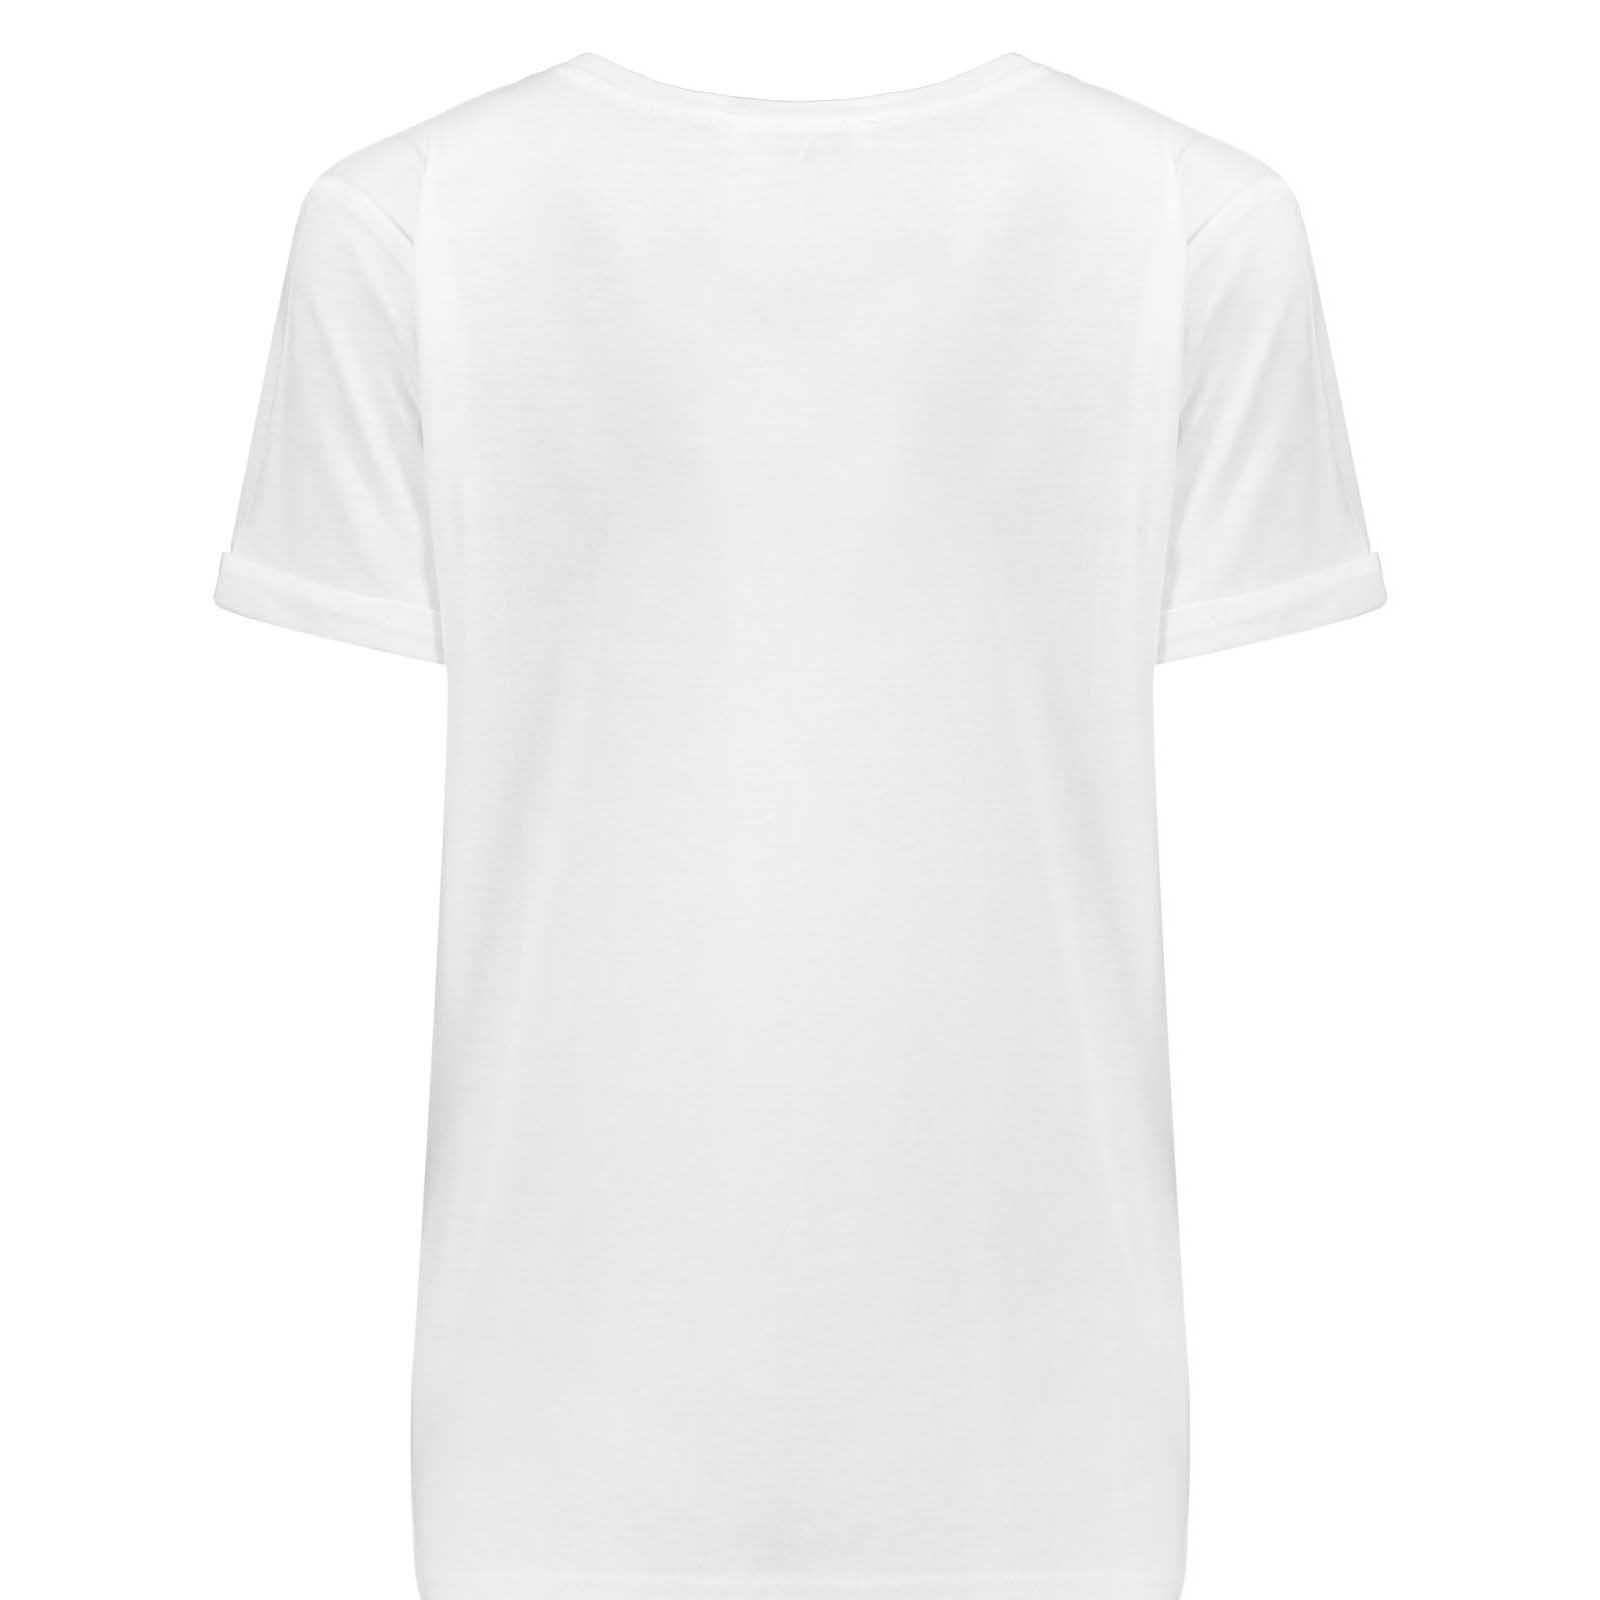 تیشرت آستین کوتاه مردانه مدل a37 رنگ سفید